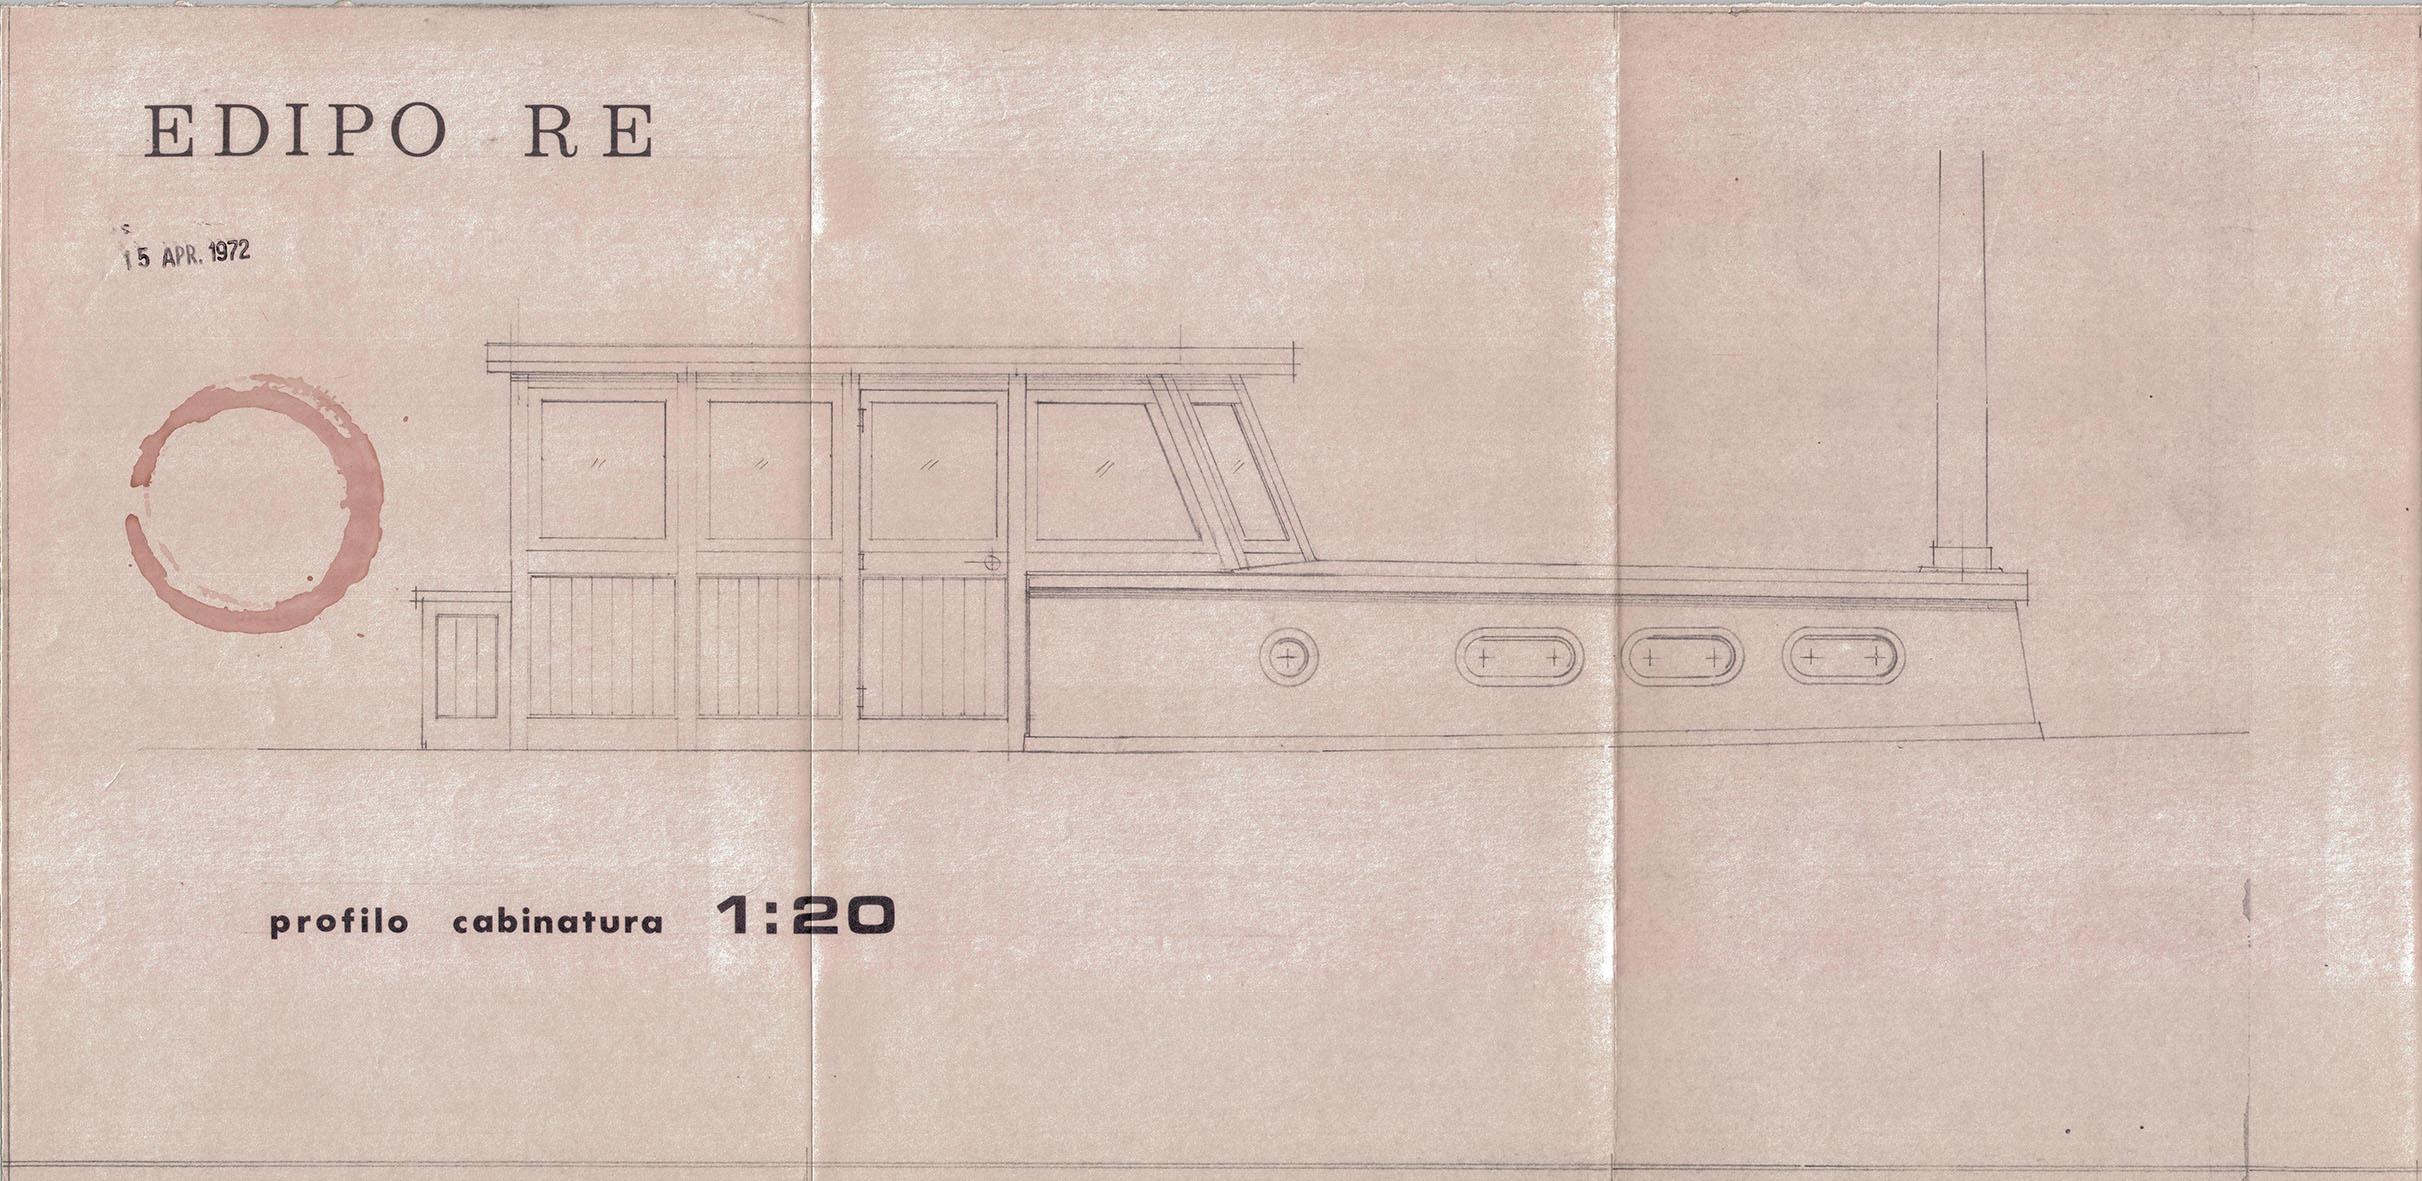 Ado Buiatti, disegno di Edipo Re, 1972, Archivio Buiatti